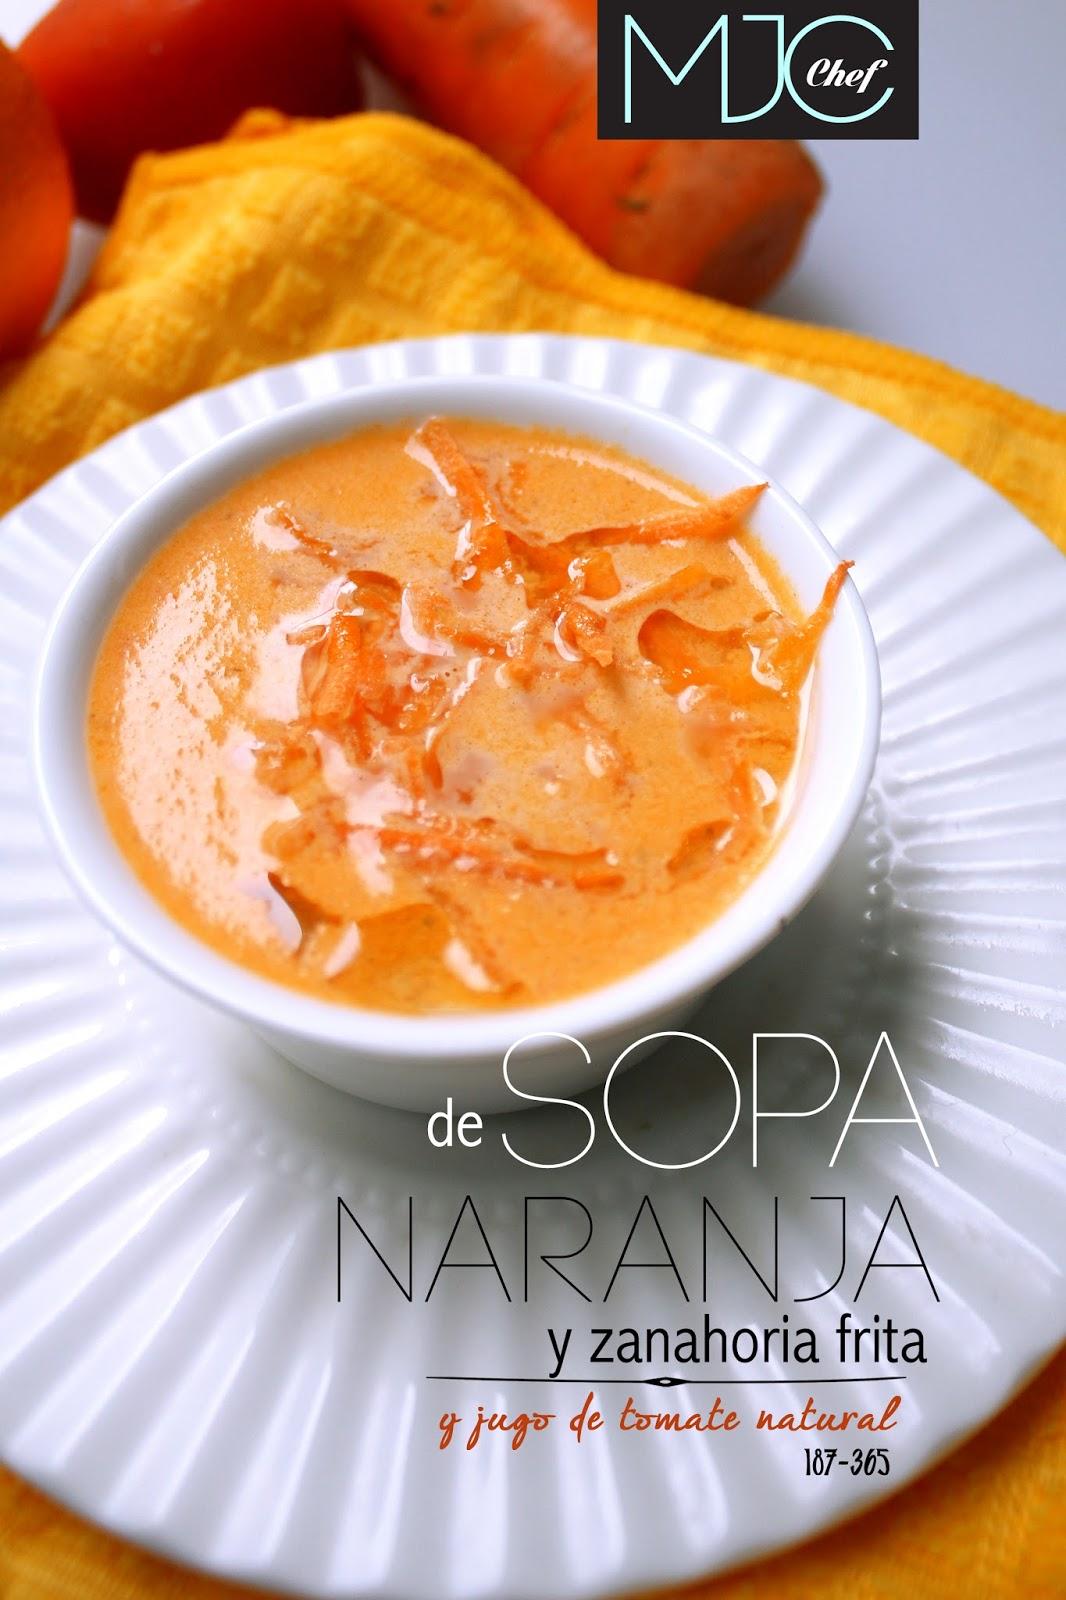 187 Sopa De Naranja Y Zanahoria Frita Con Tomate 365 Sopas Con Color Croquetas de zanahoria, un plato saludable muy fácil de elaborar, que incluiremos en el especial de recetas de zanahoria. 187 sopa de naranja y zanahoria frita con tomate 365 sopas con color